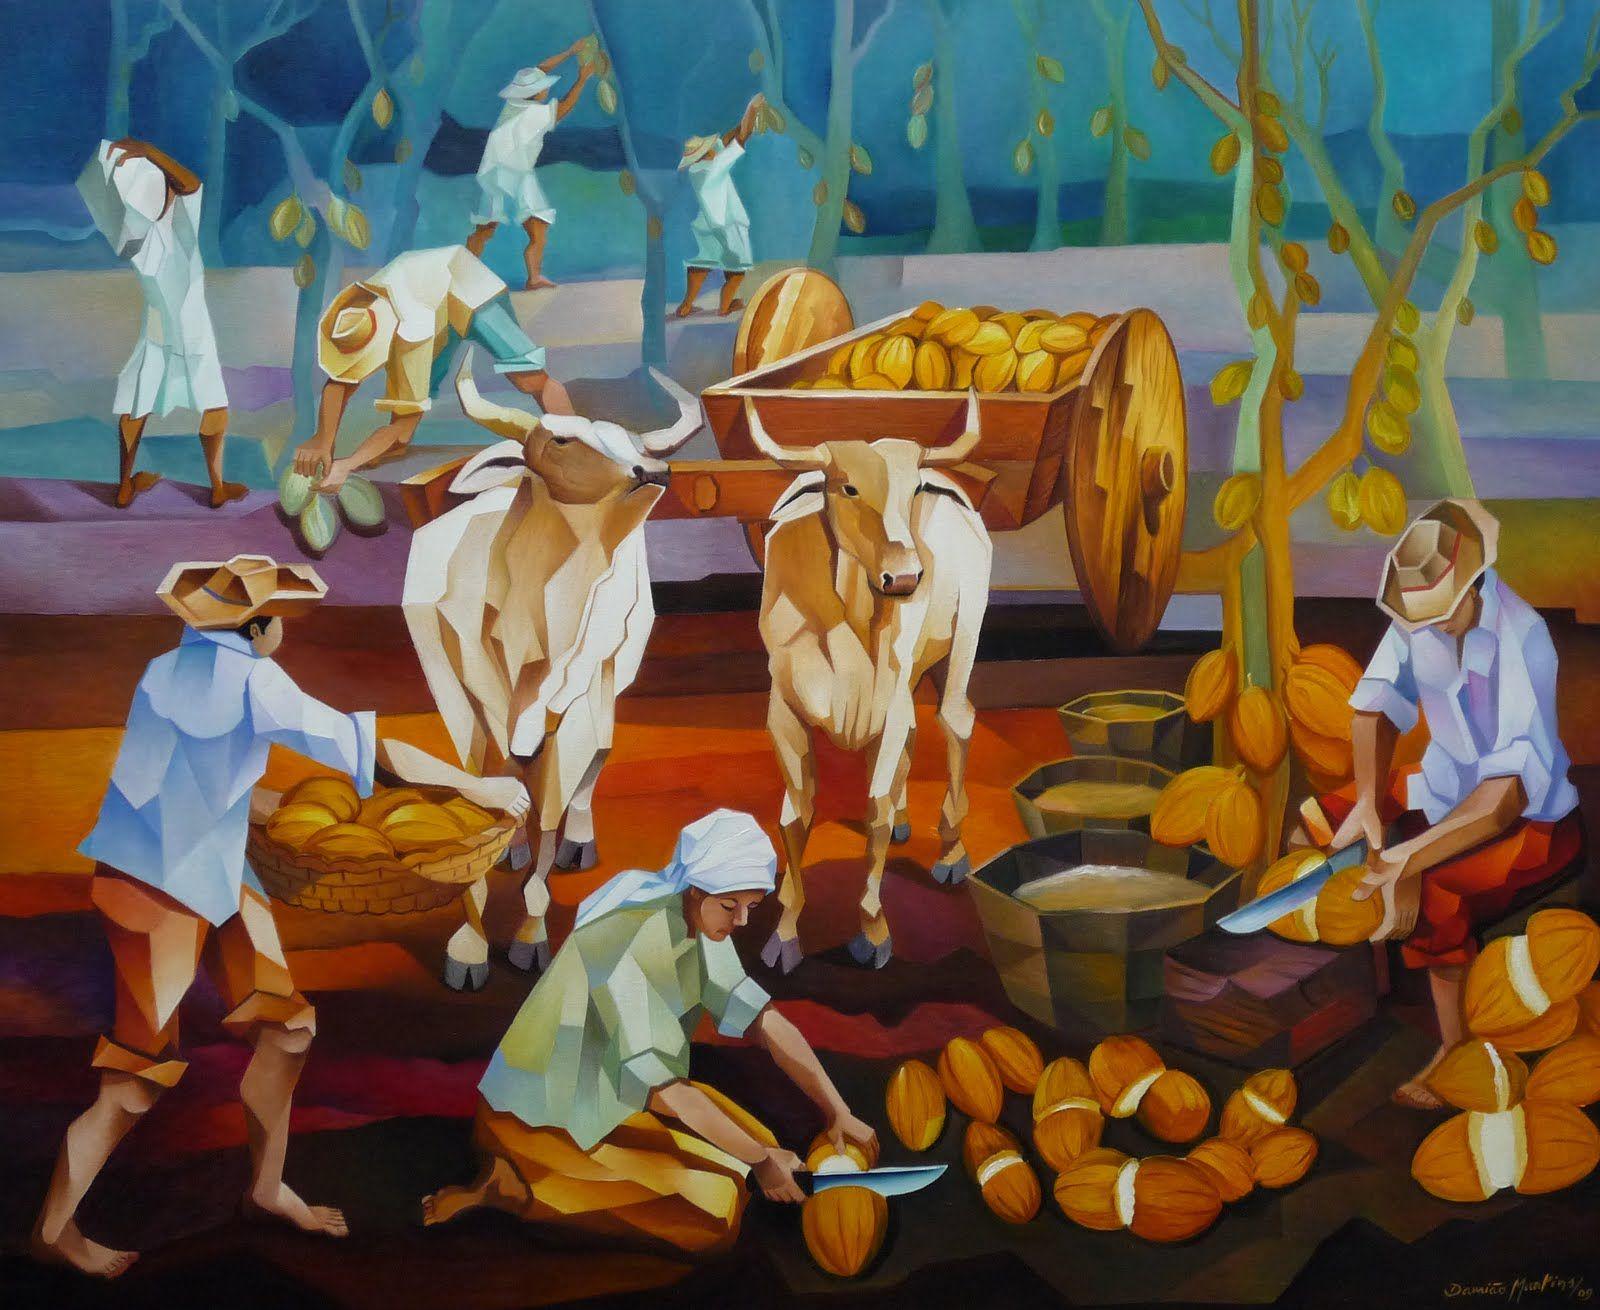 Colheita de cacau by Damiao Martins (90 X 110 cm)